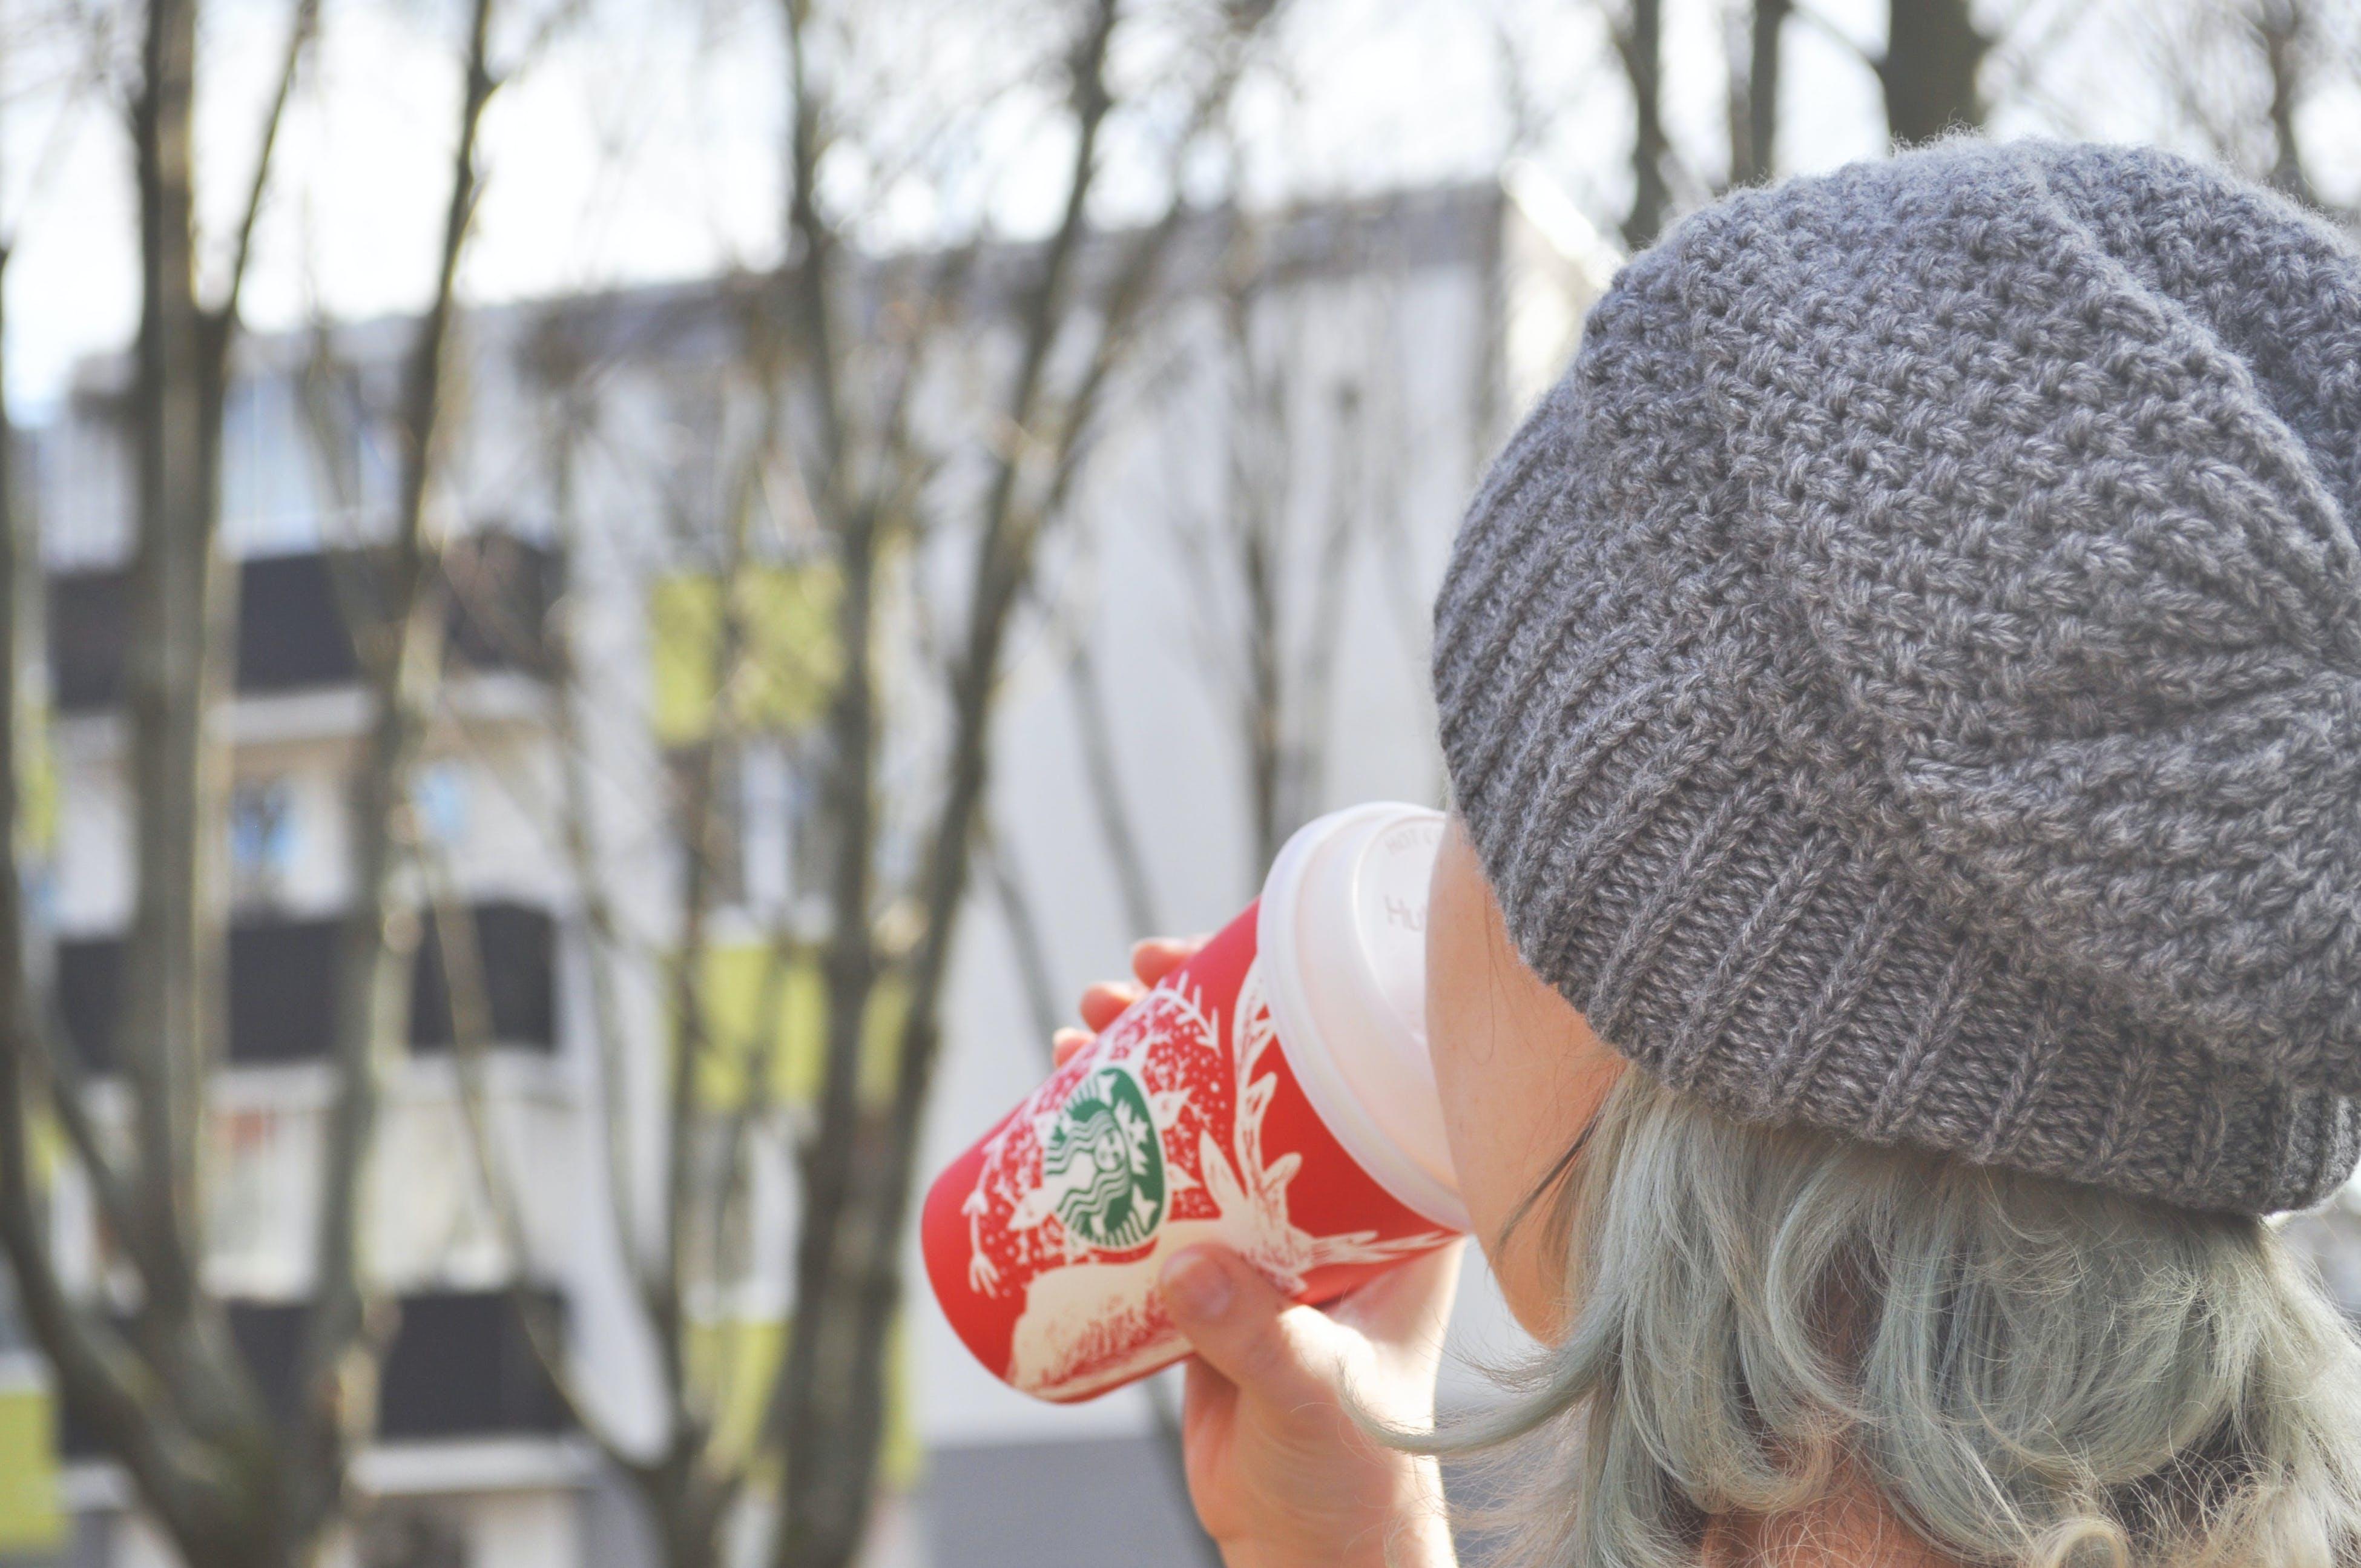 arbres, boire, bonnet